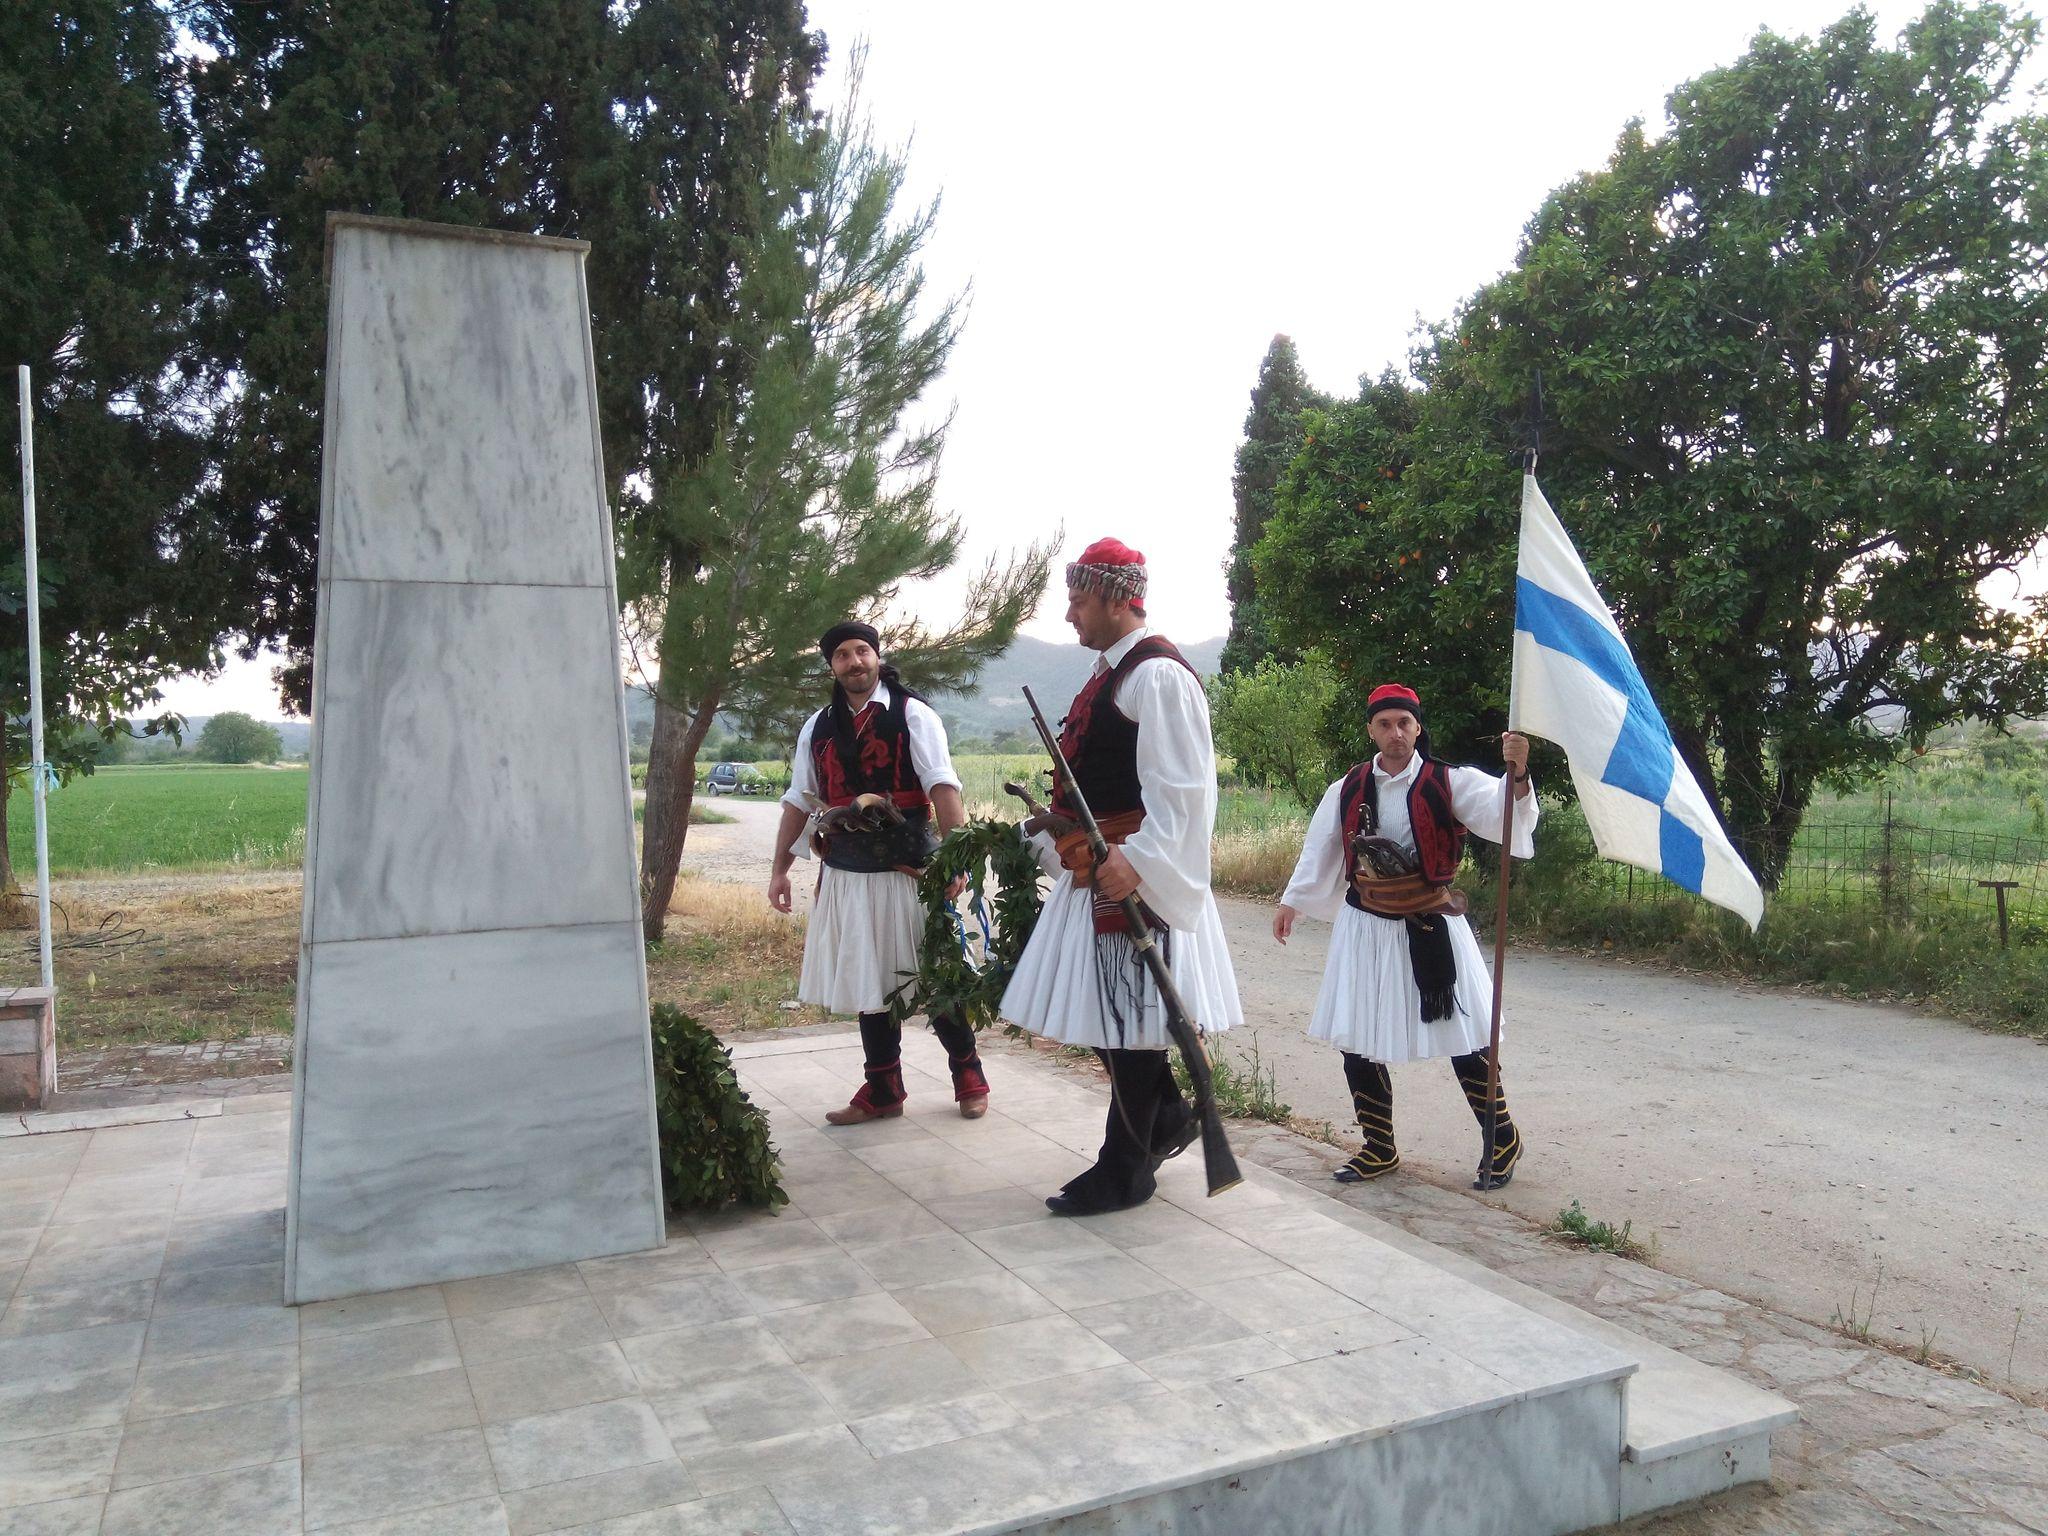 Σύλλογος Φίλων Ιστορίας «Χαράλαμπος Βιλαέτης»: Τίμησε τον αγνό Πύργιο αγωνιστή Χαράλαμπο Βιλαέτη